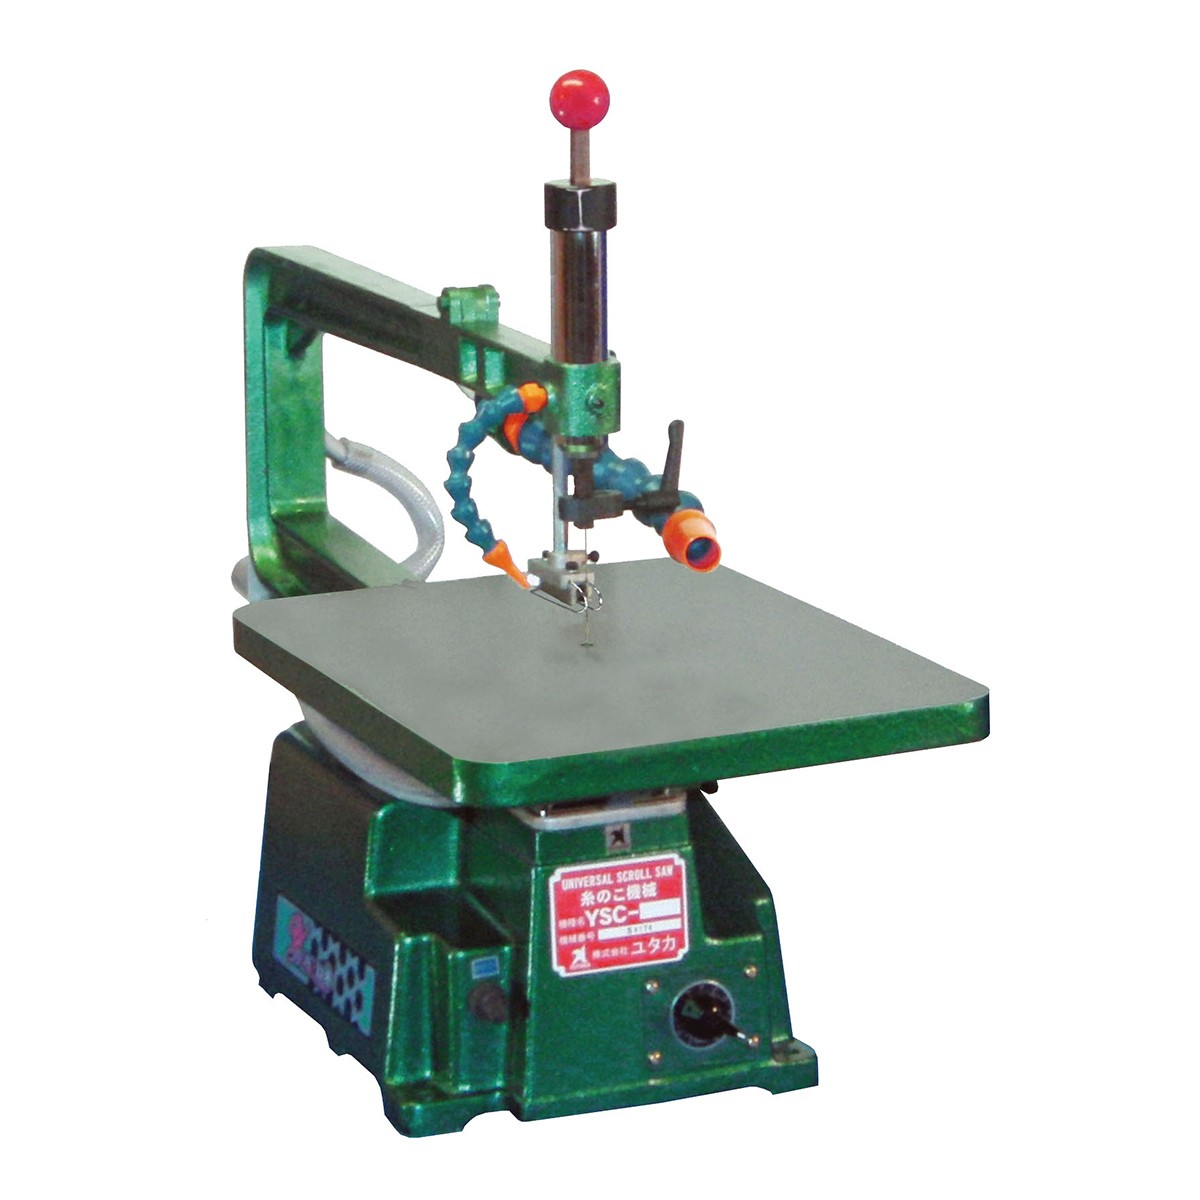 <お取り寄せ品※代引き不可>ユニバーサル糸のこ機械 YSC-500FGT型 【 木工 金工 工作 DIY 切断 】